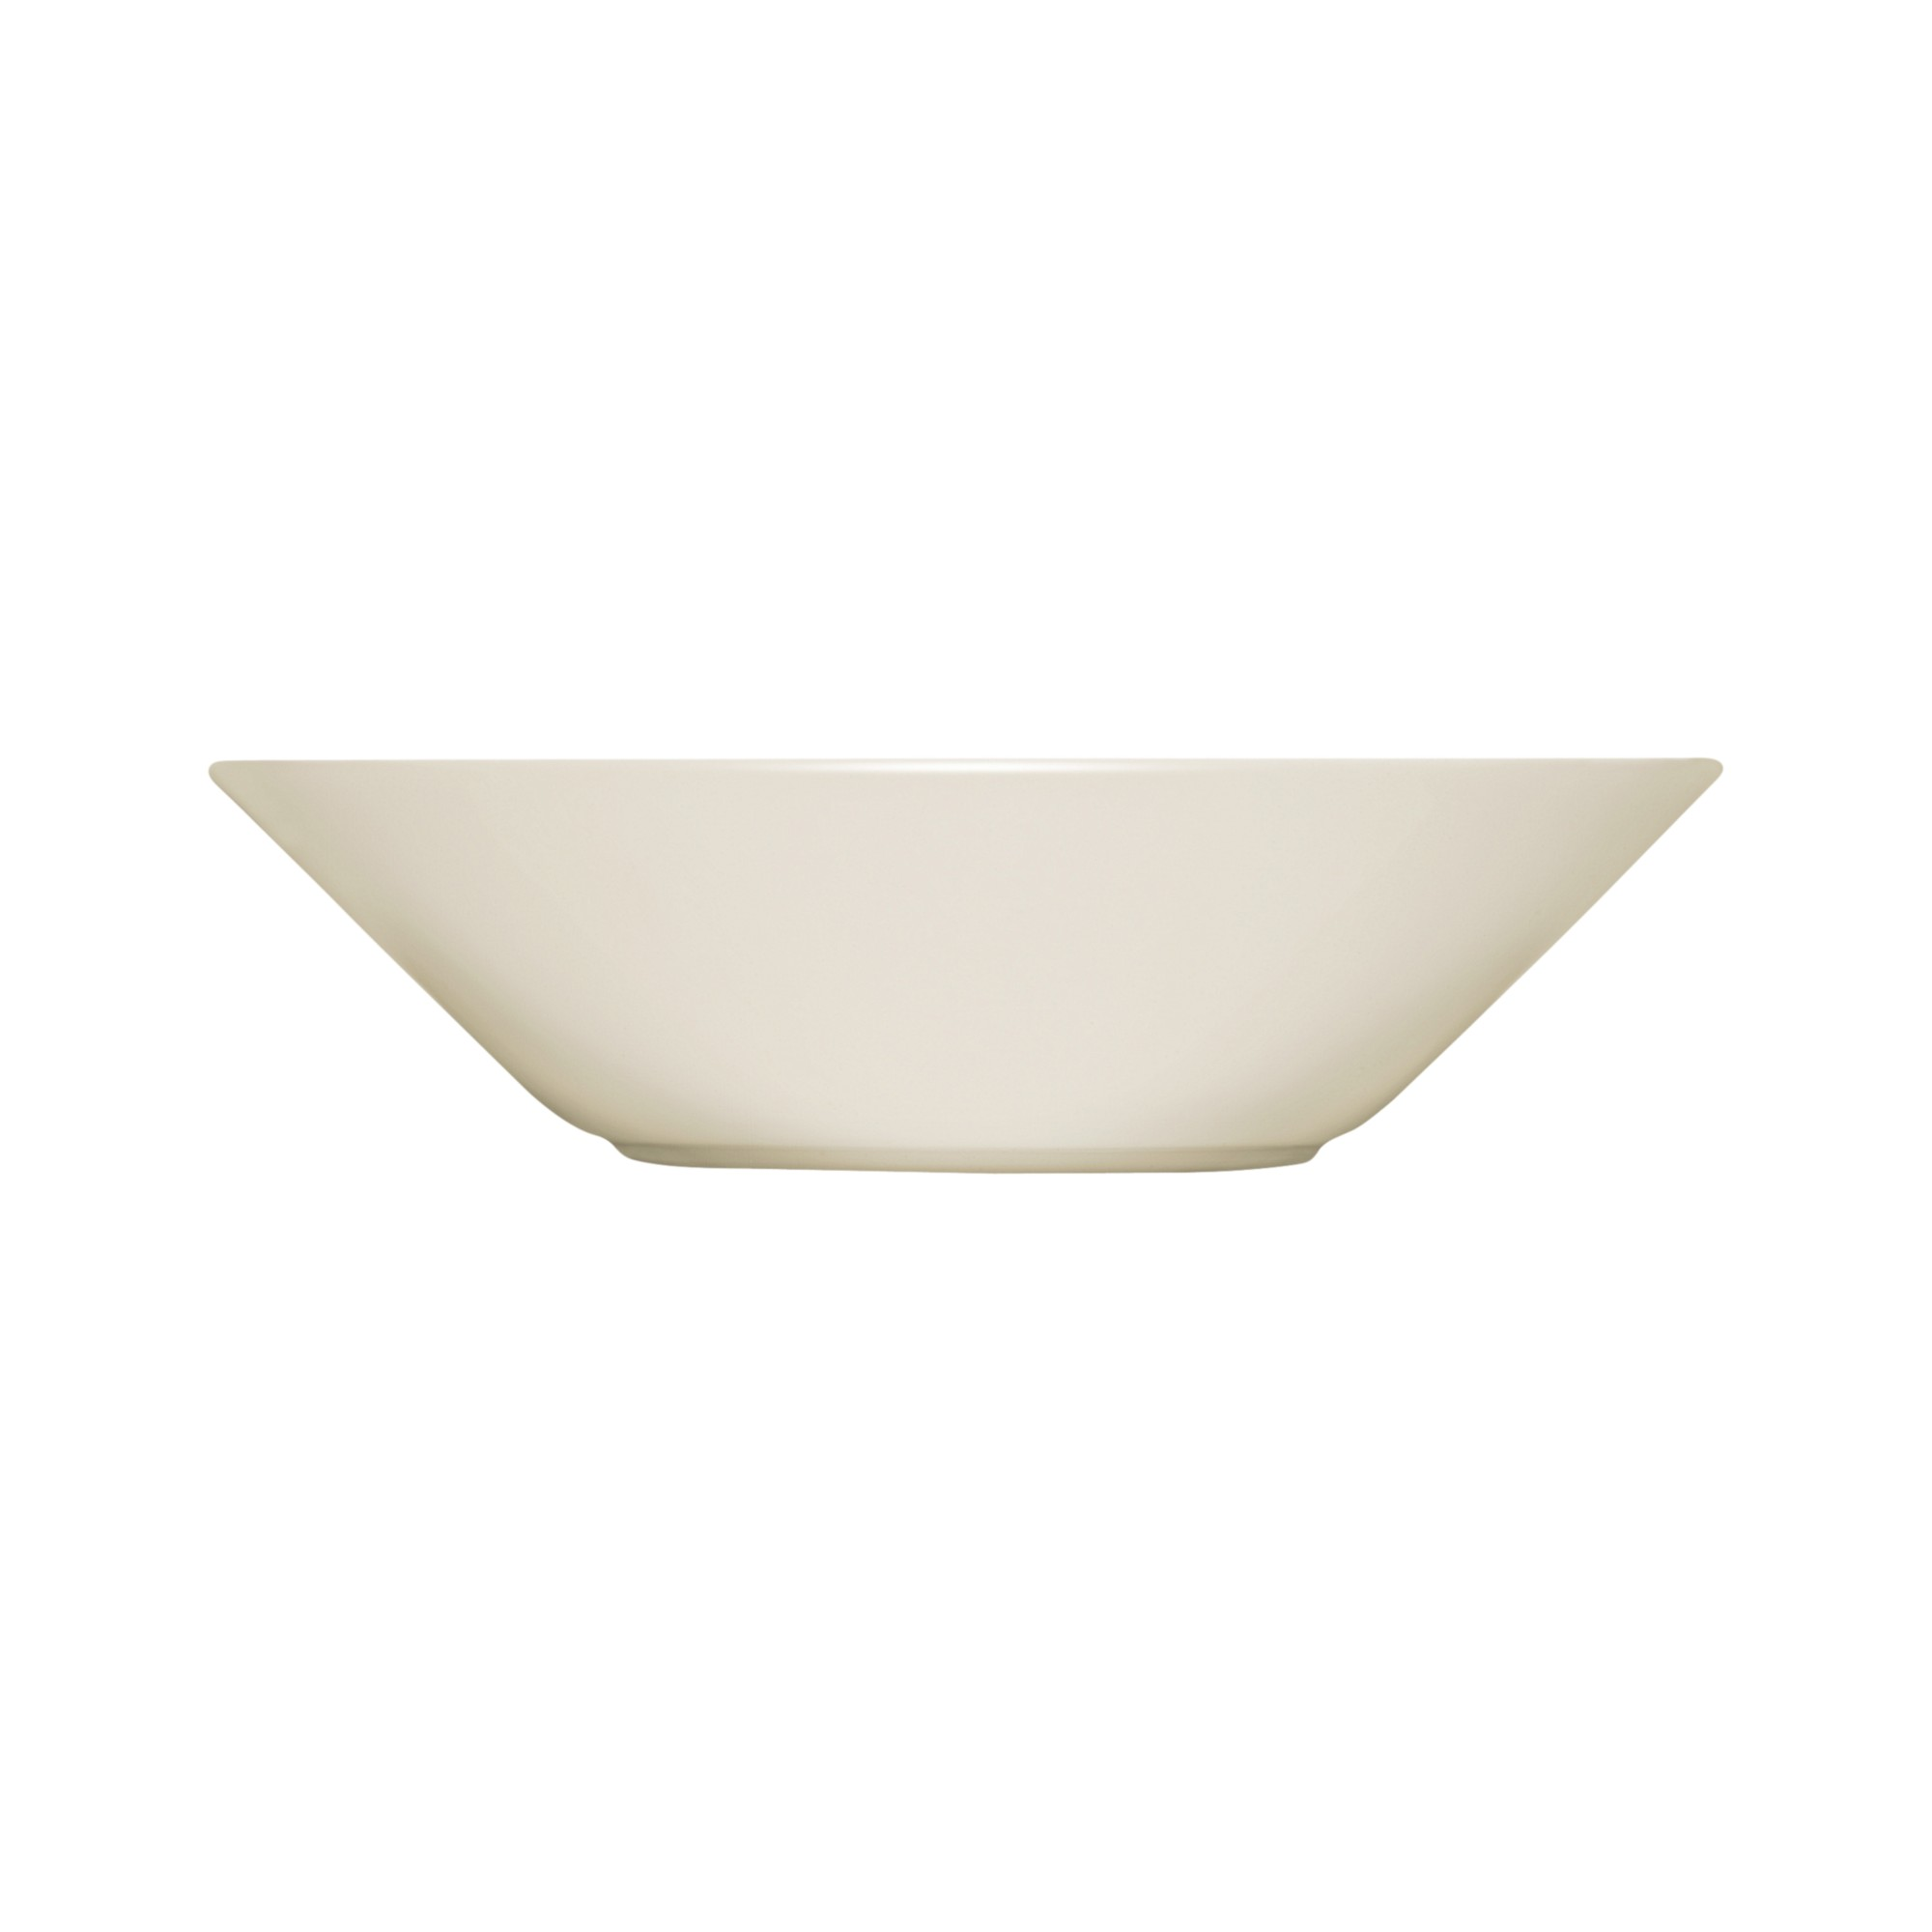 Bát sứ Teema Iittala đường kính 21cm, màu trắng